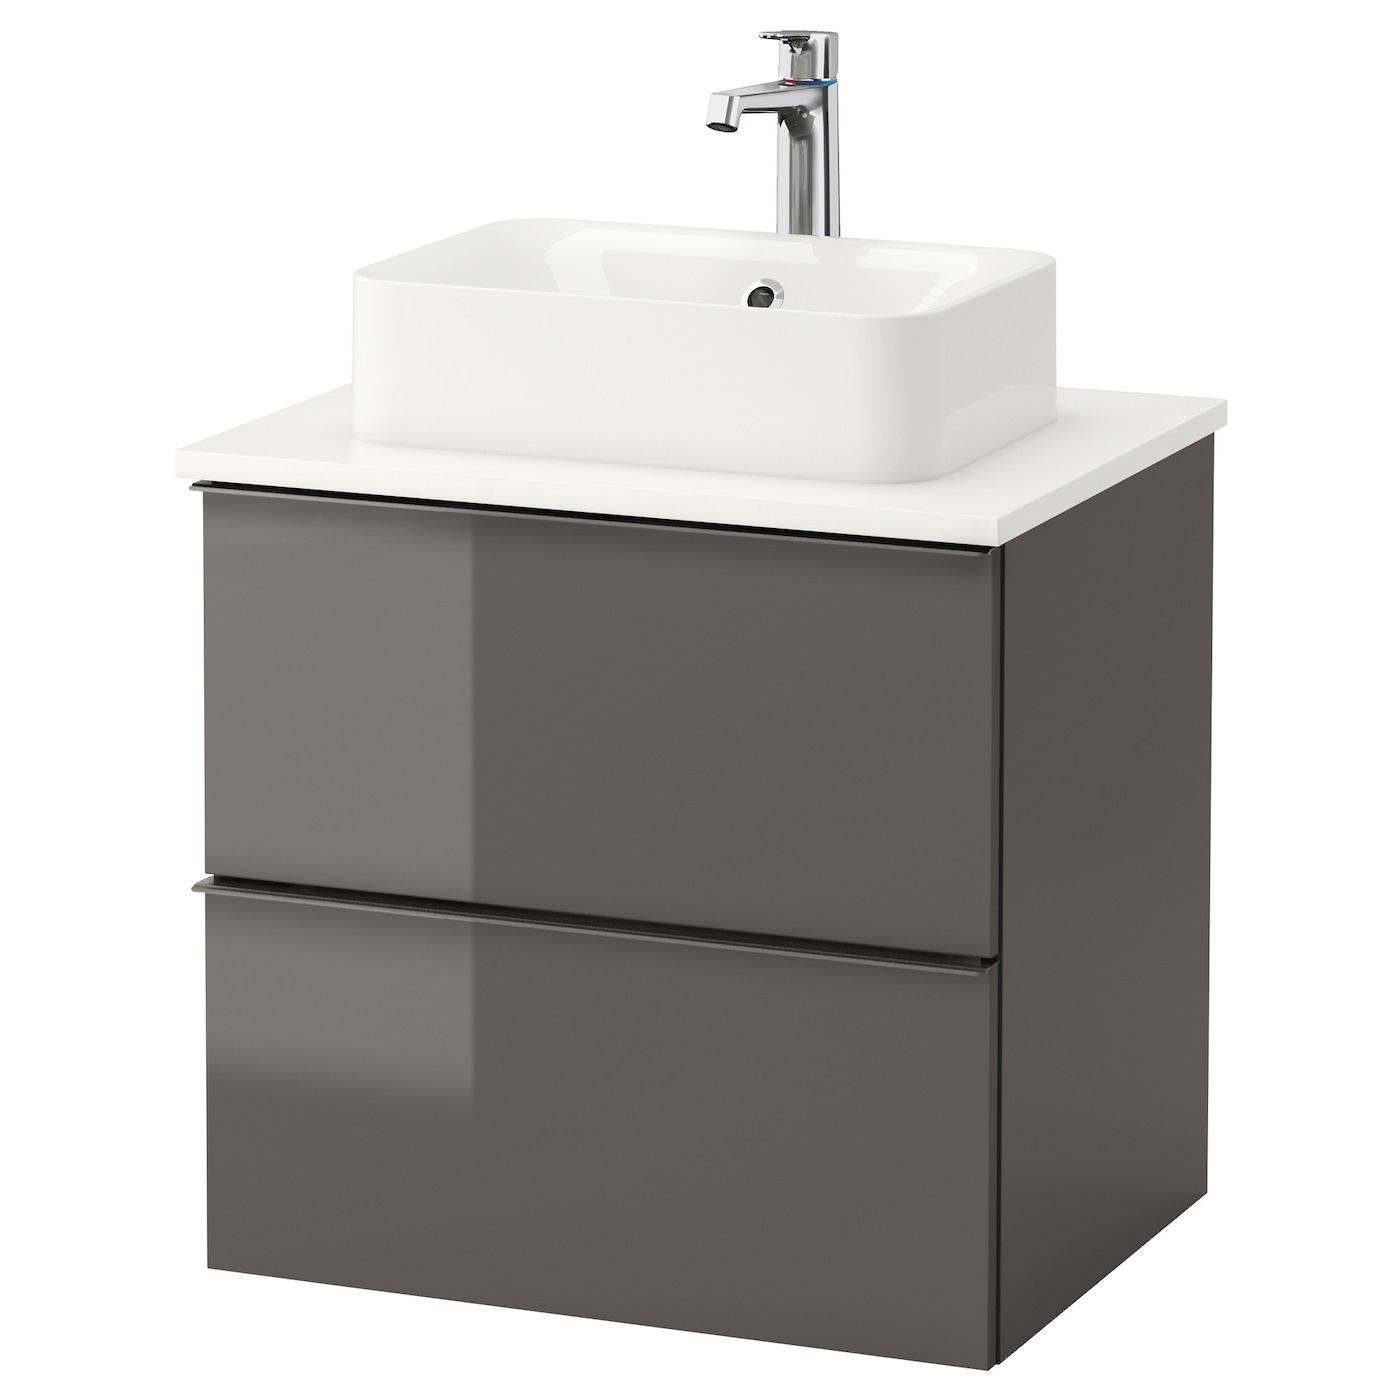 IKEA HRVIK GODMORGON TOLKEN Meuble Lavabo Av Lav Poser 45x32